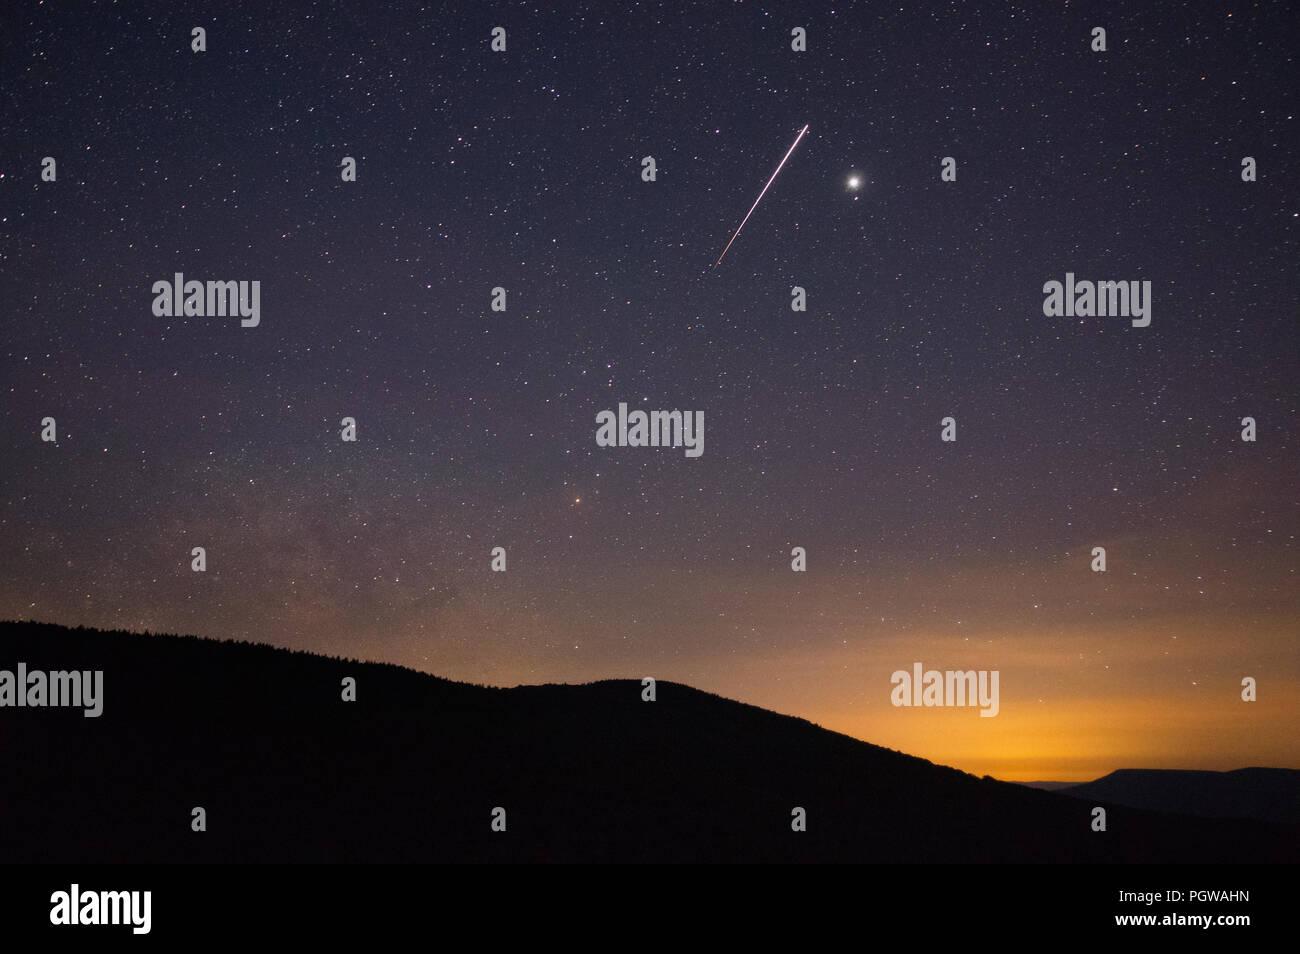 La Station spatiale internationale passe au-dessus de Jupiter comme la Voie lactée commence à s'élever sur les sommets à la fin des heures du crépuscule donnant sur le W Photo Stock